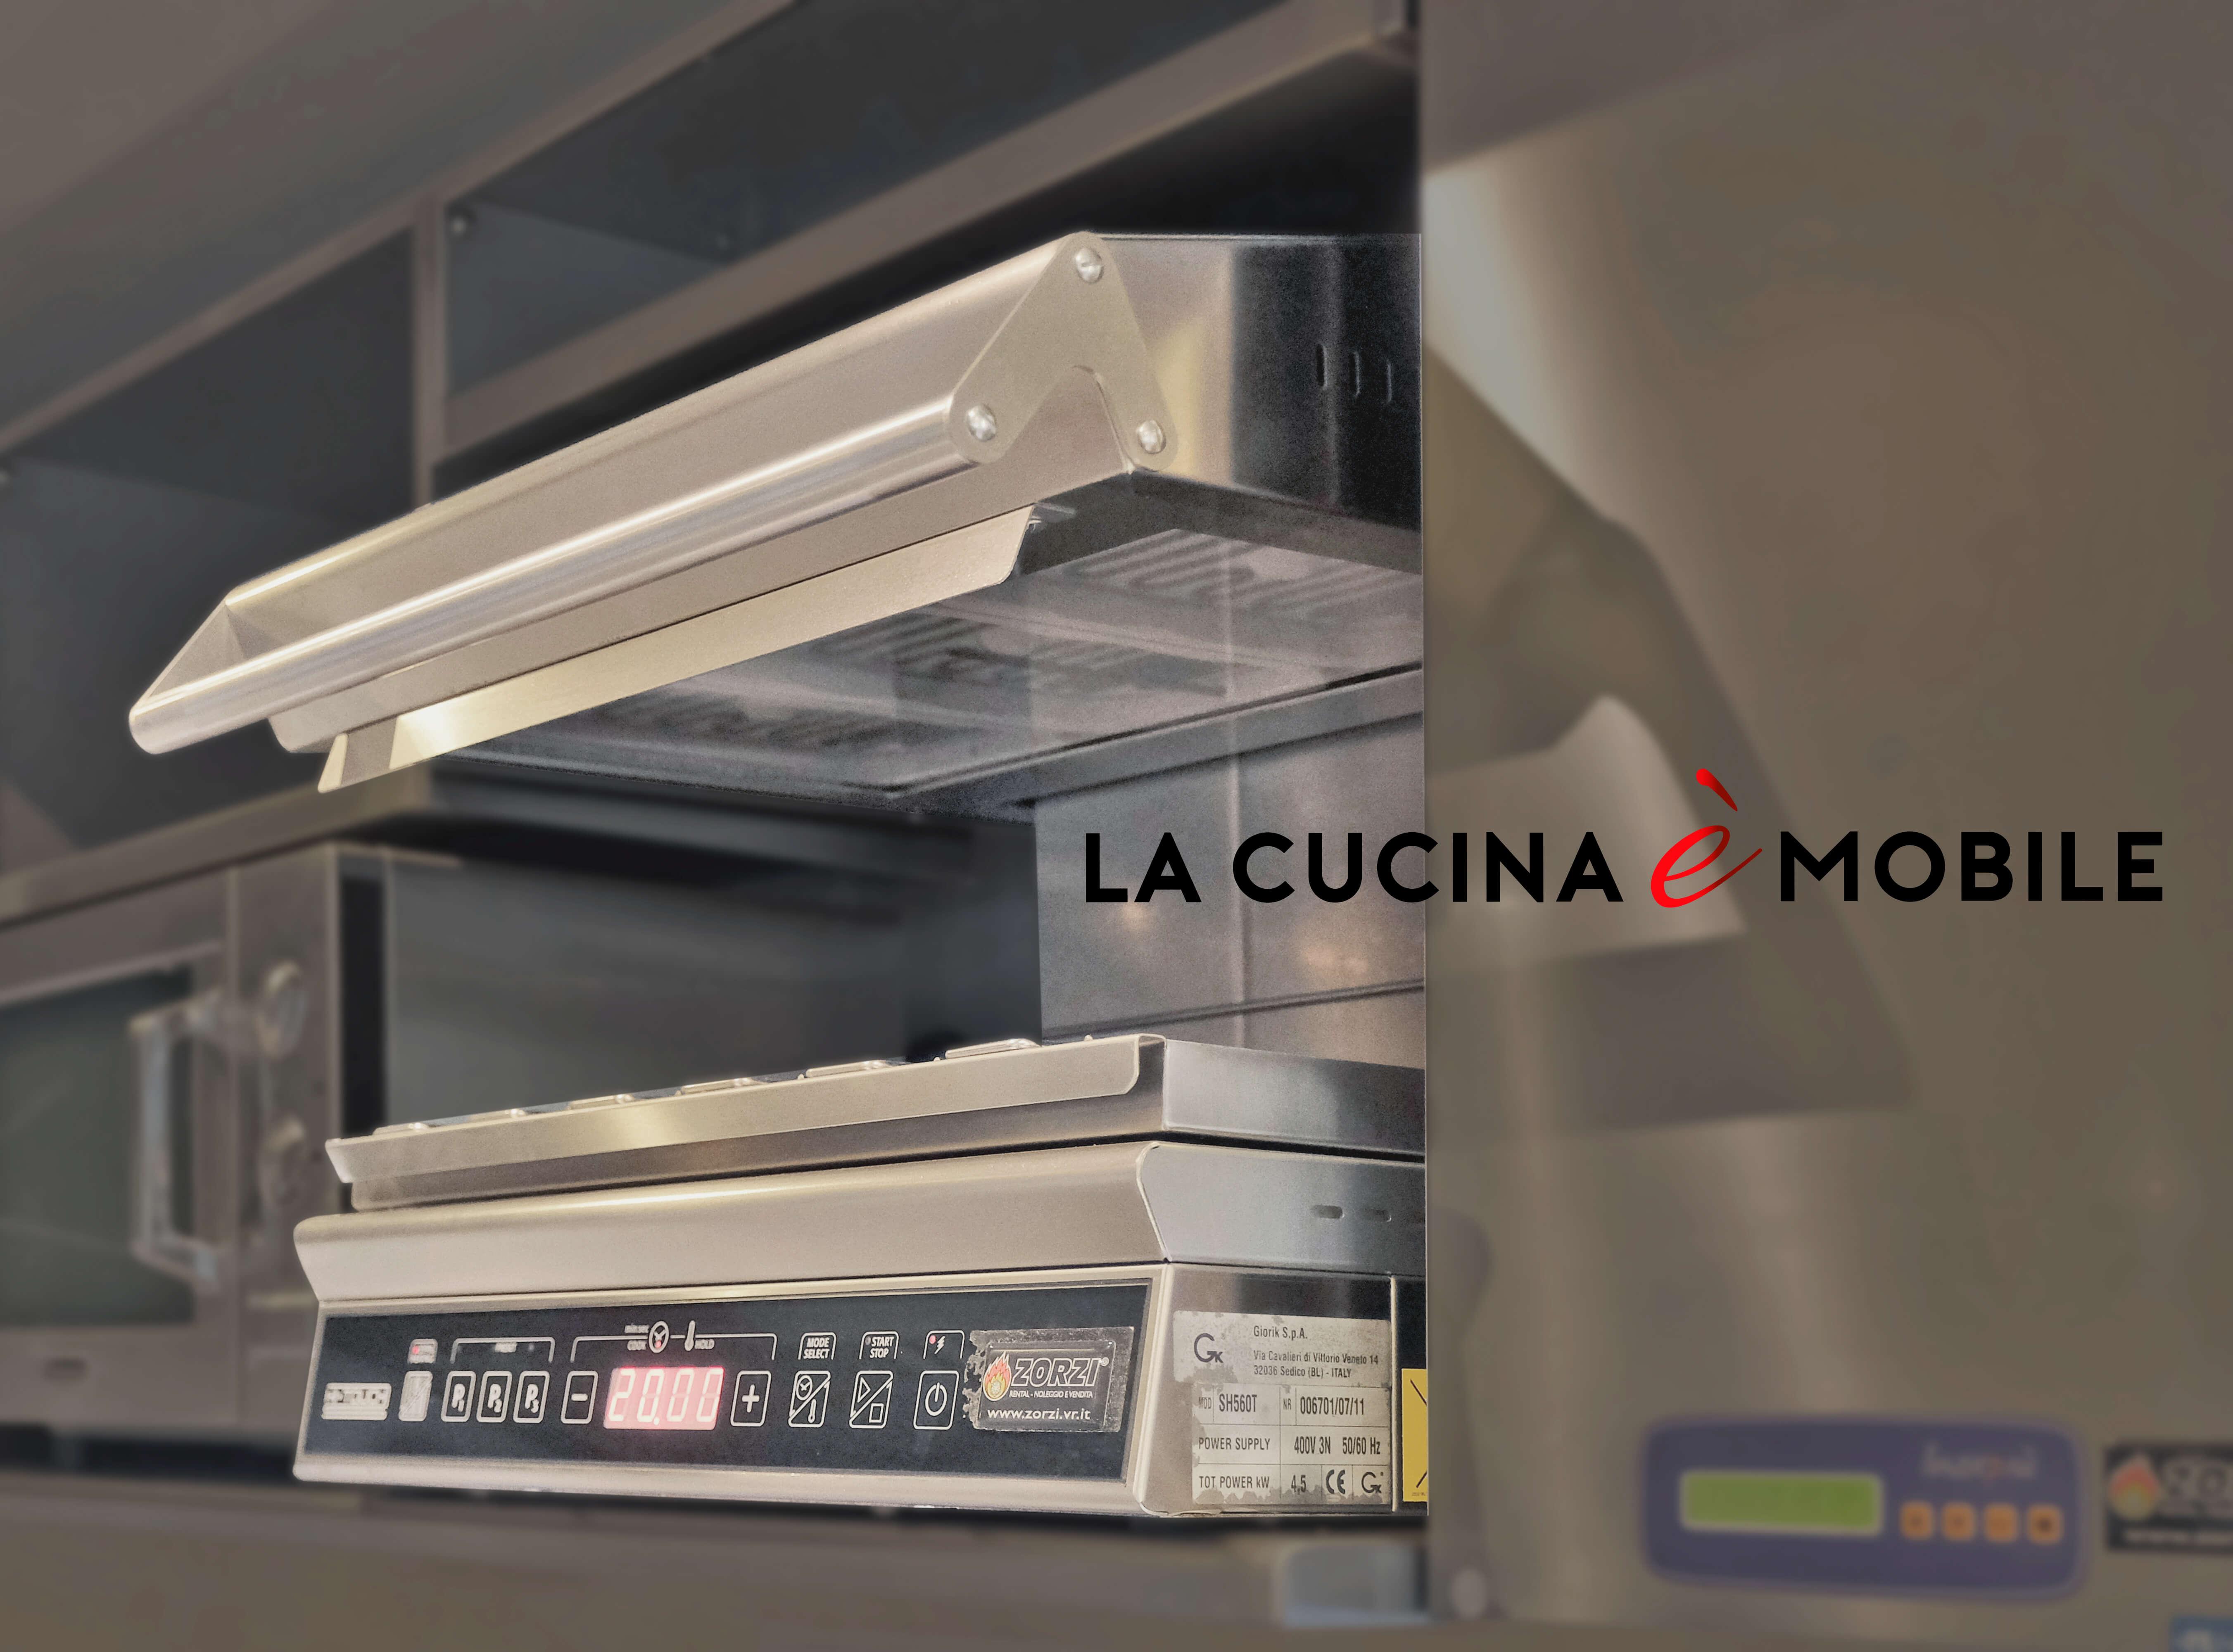 La cucina è mobile